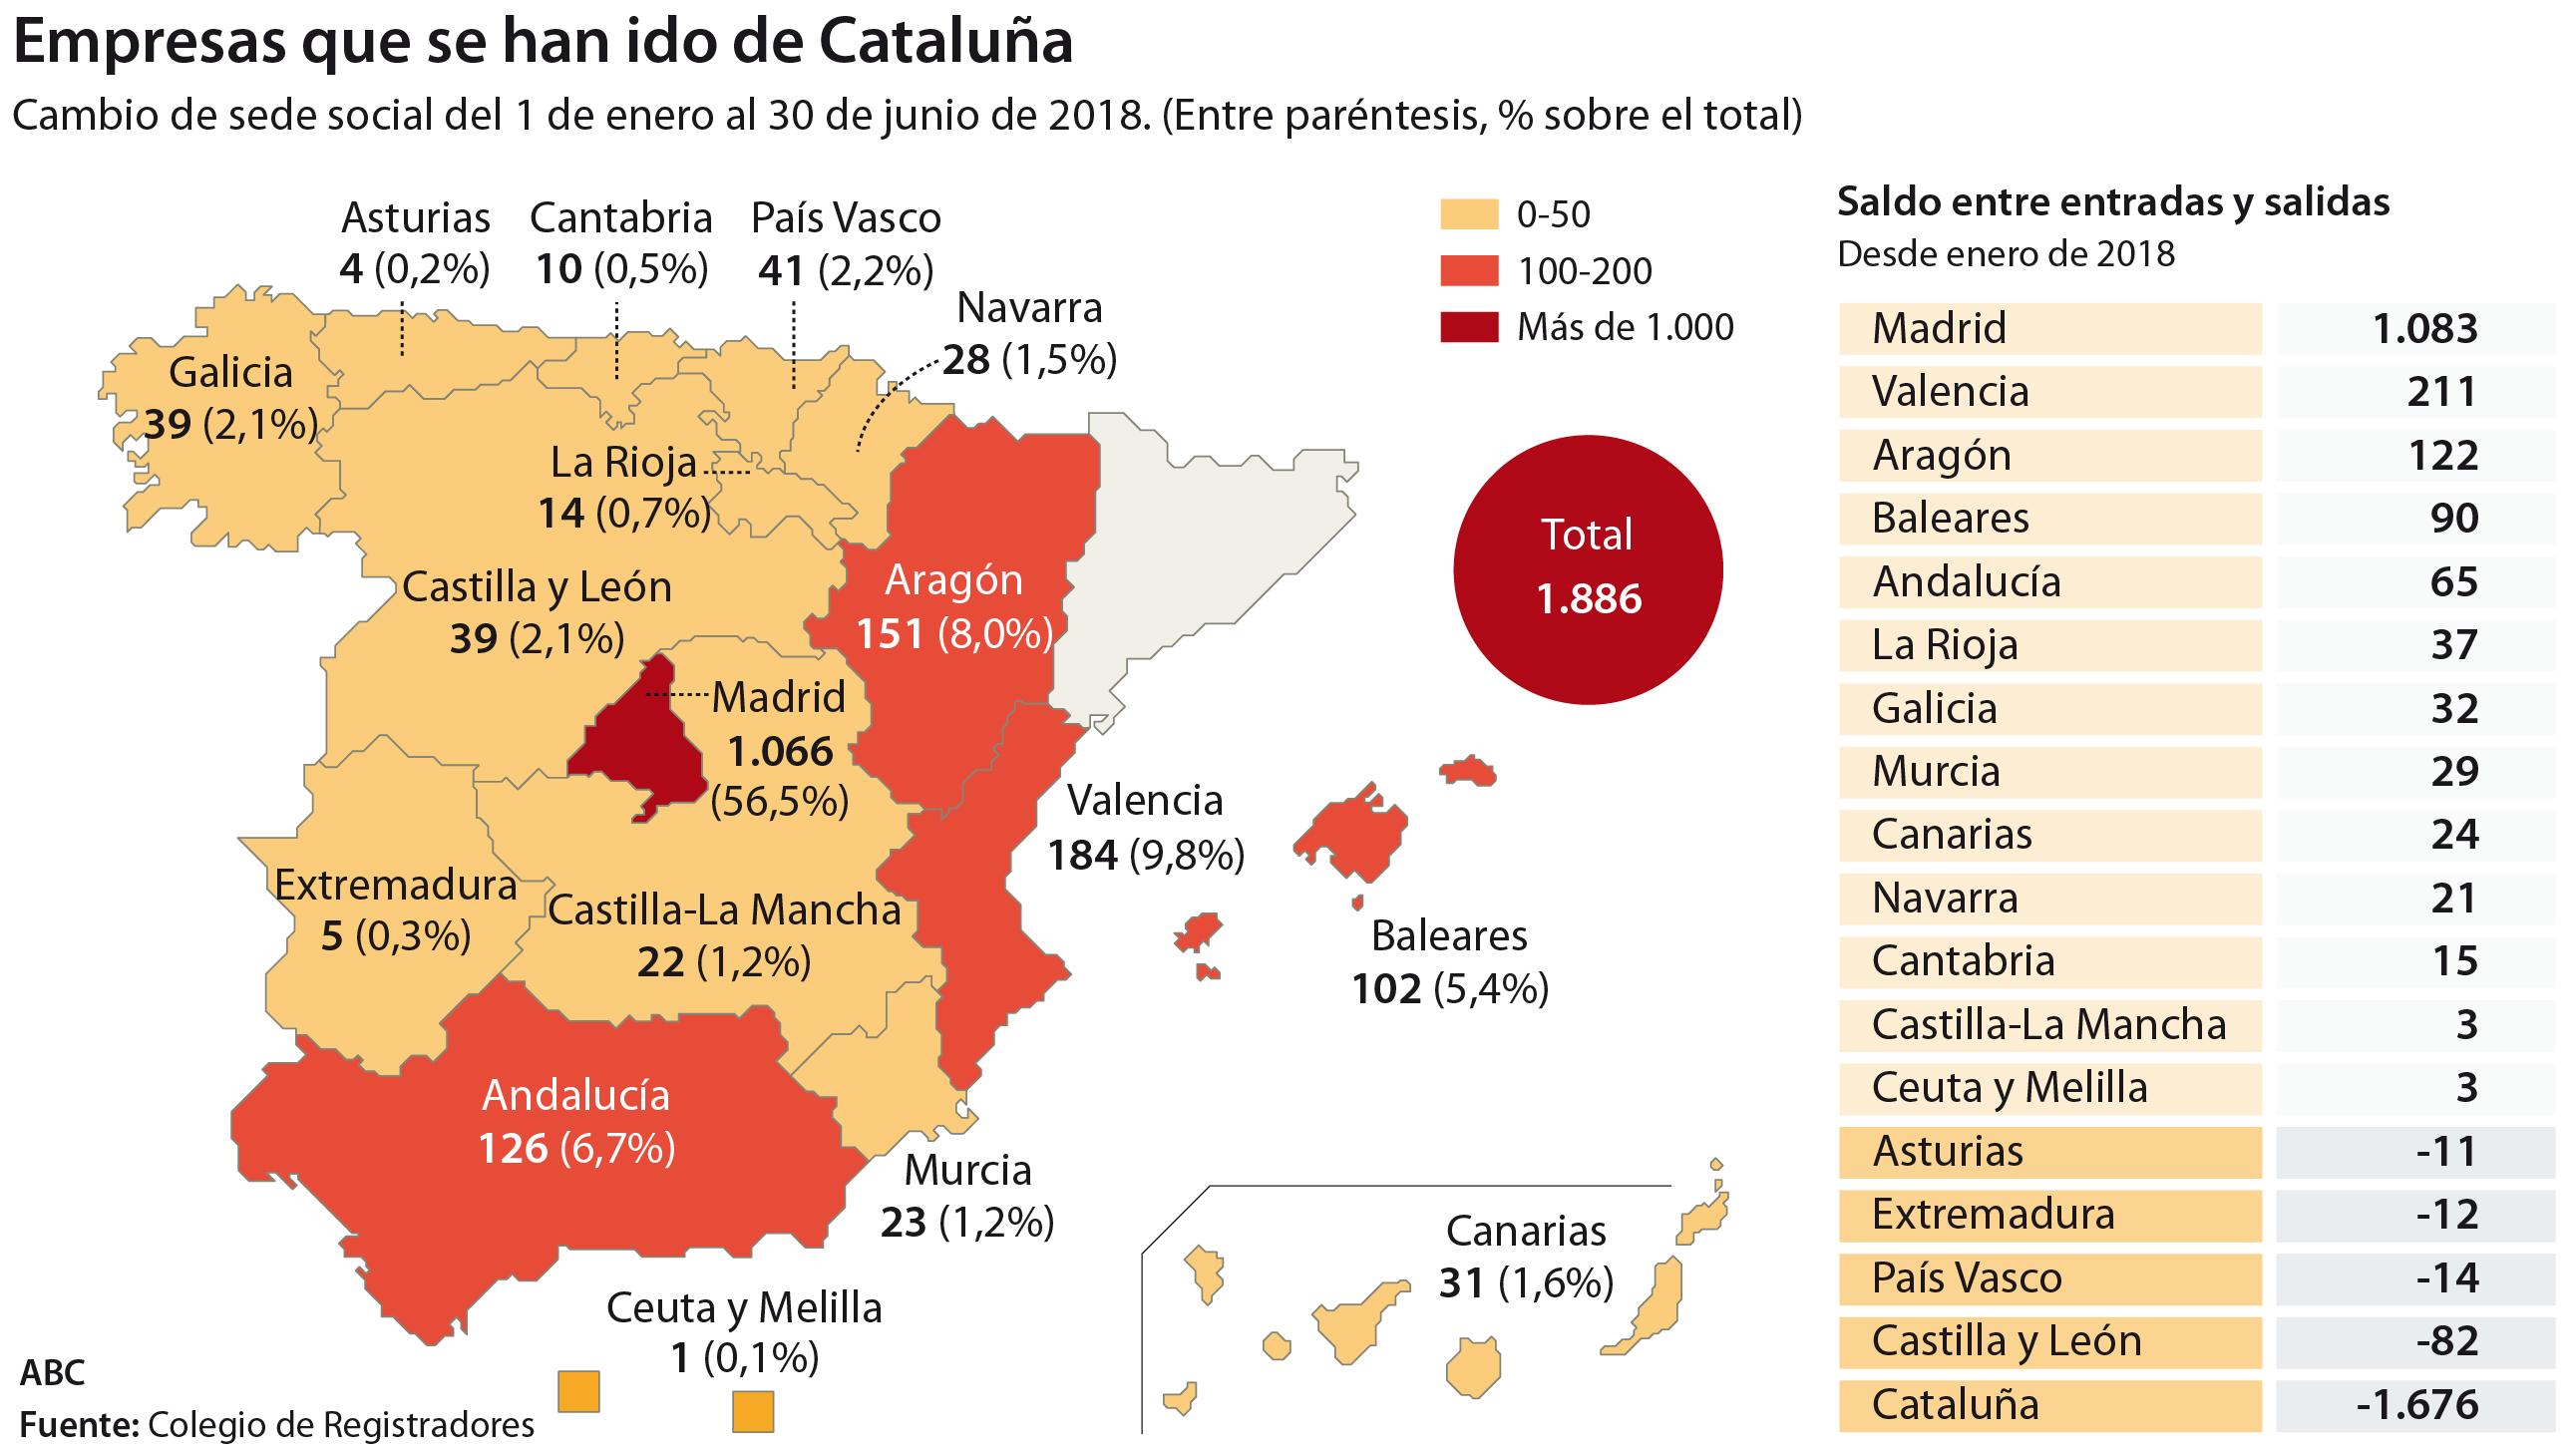 Casi 2.000 empresas ya han salido de Cataluña este año, la mitad a Madrid